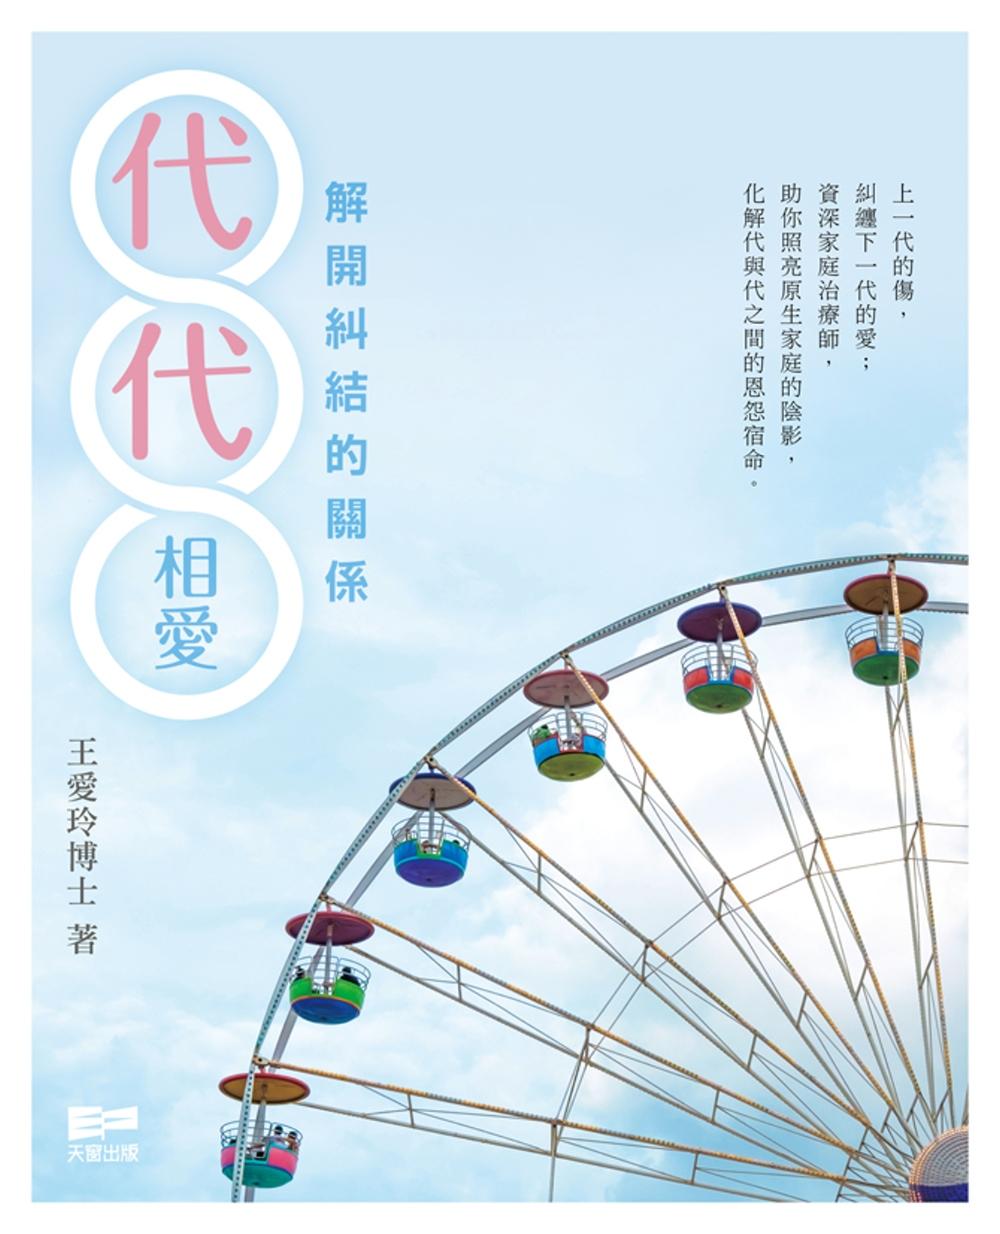 《代代相愛:解開糾結的關係》 商品條碼,ISBN:9789888395712